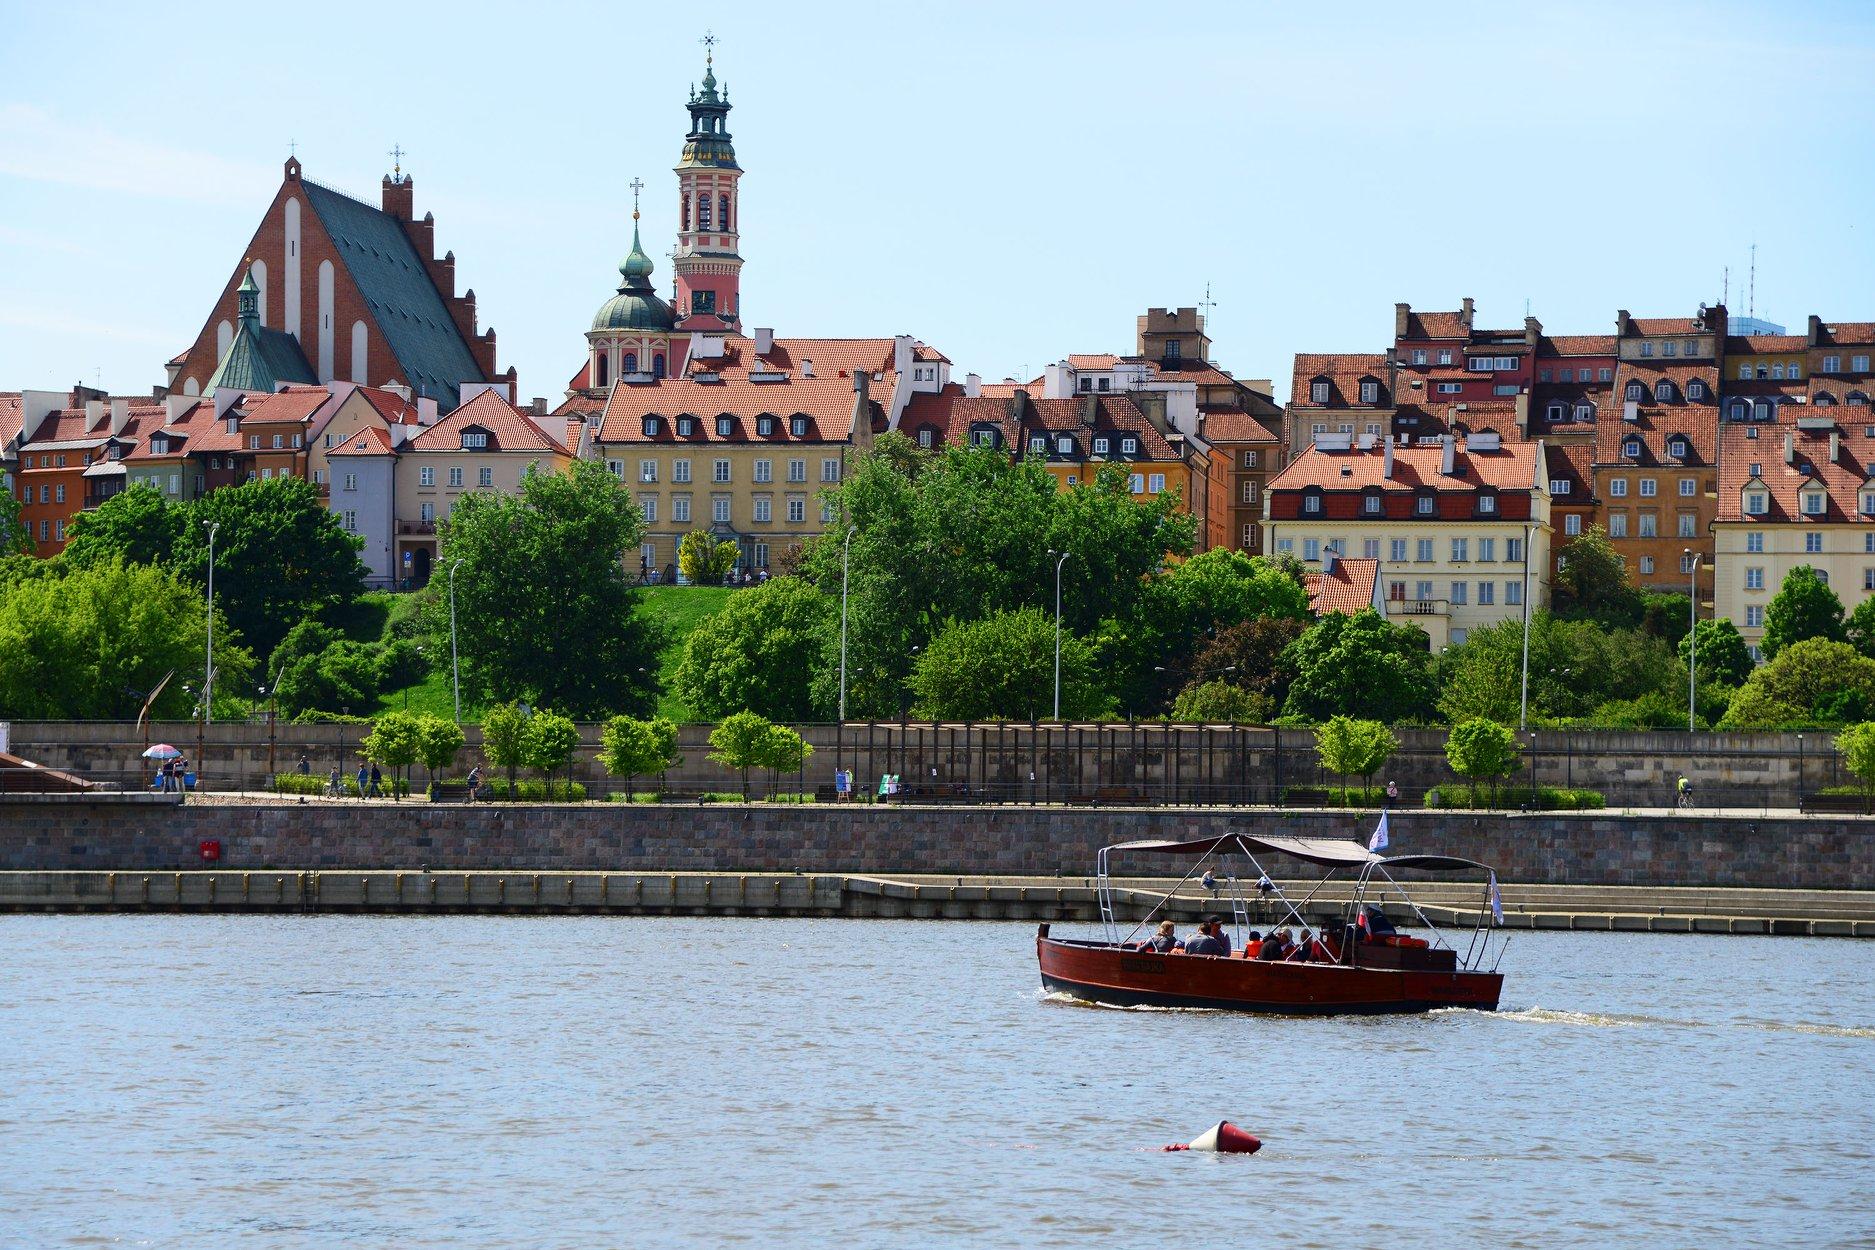 Bezpłatne rejsy po Wiśle (Warszawa)